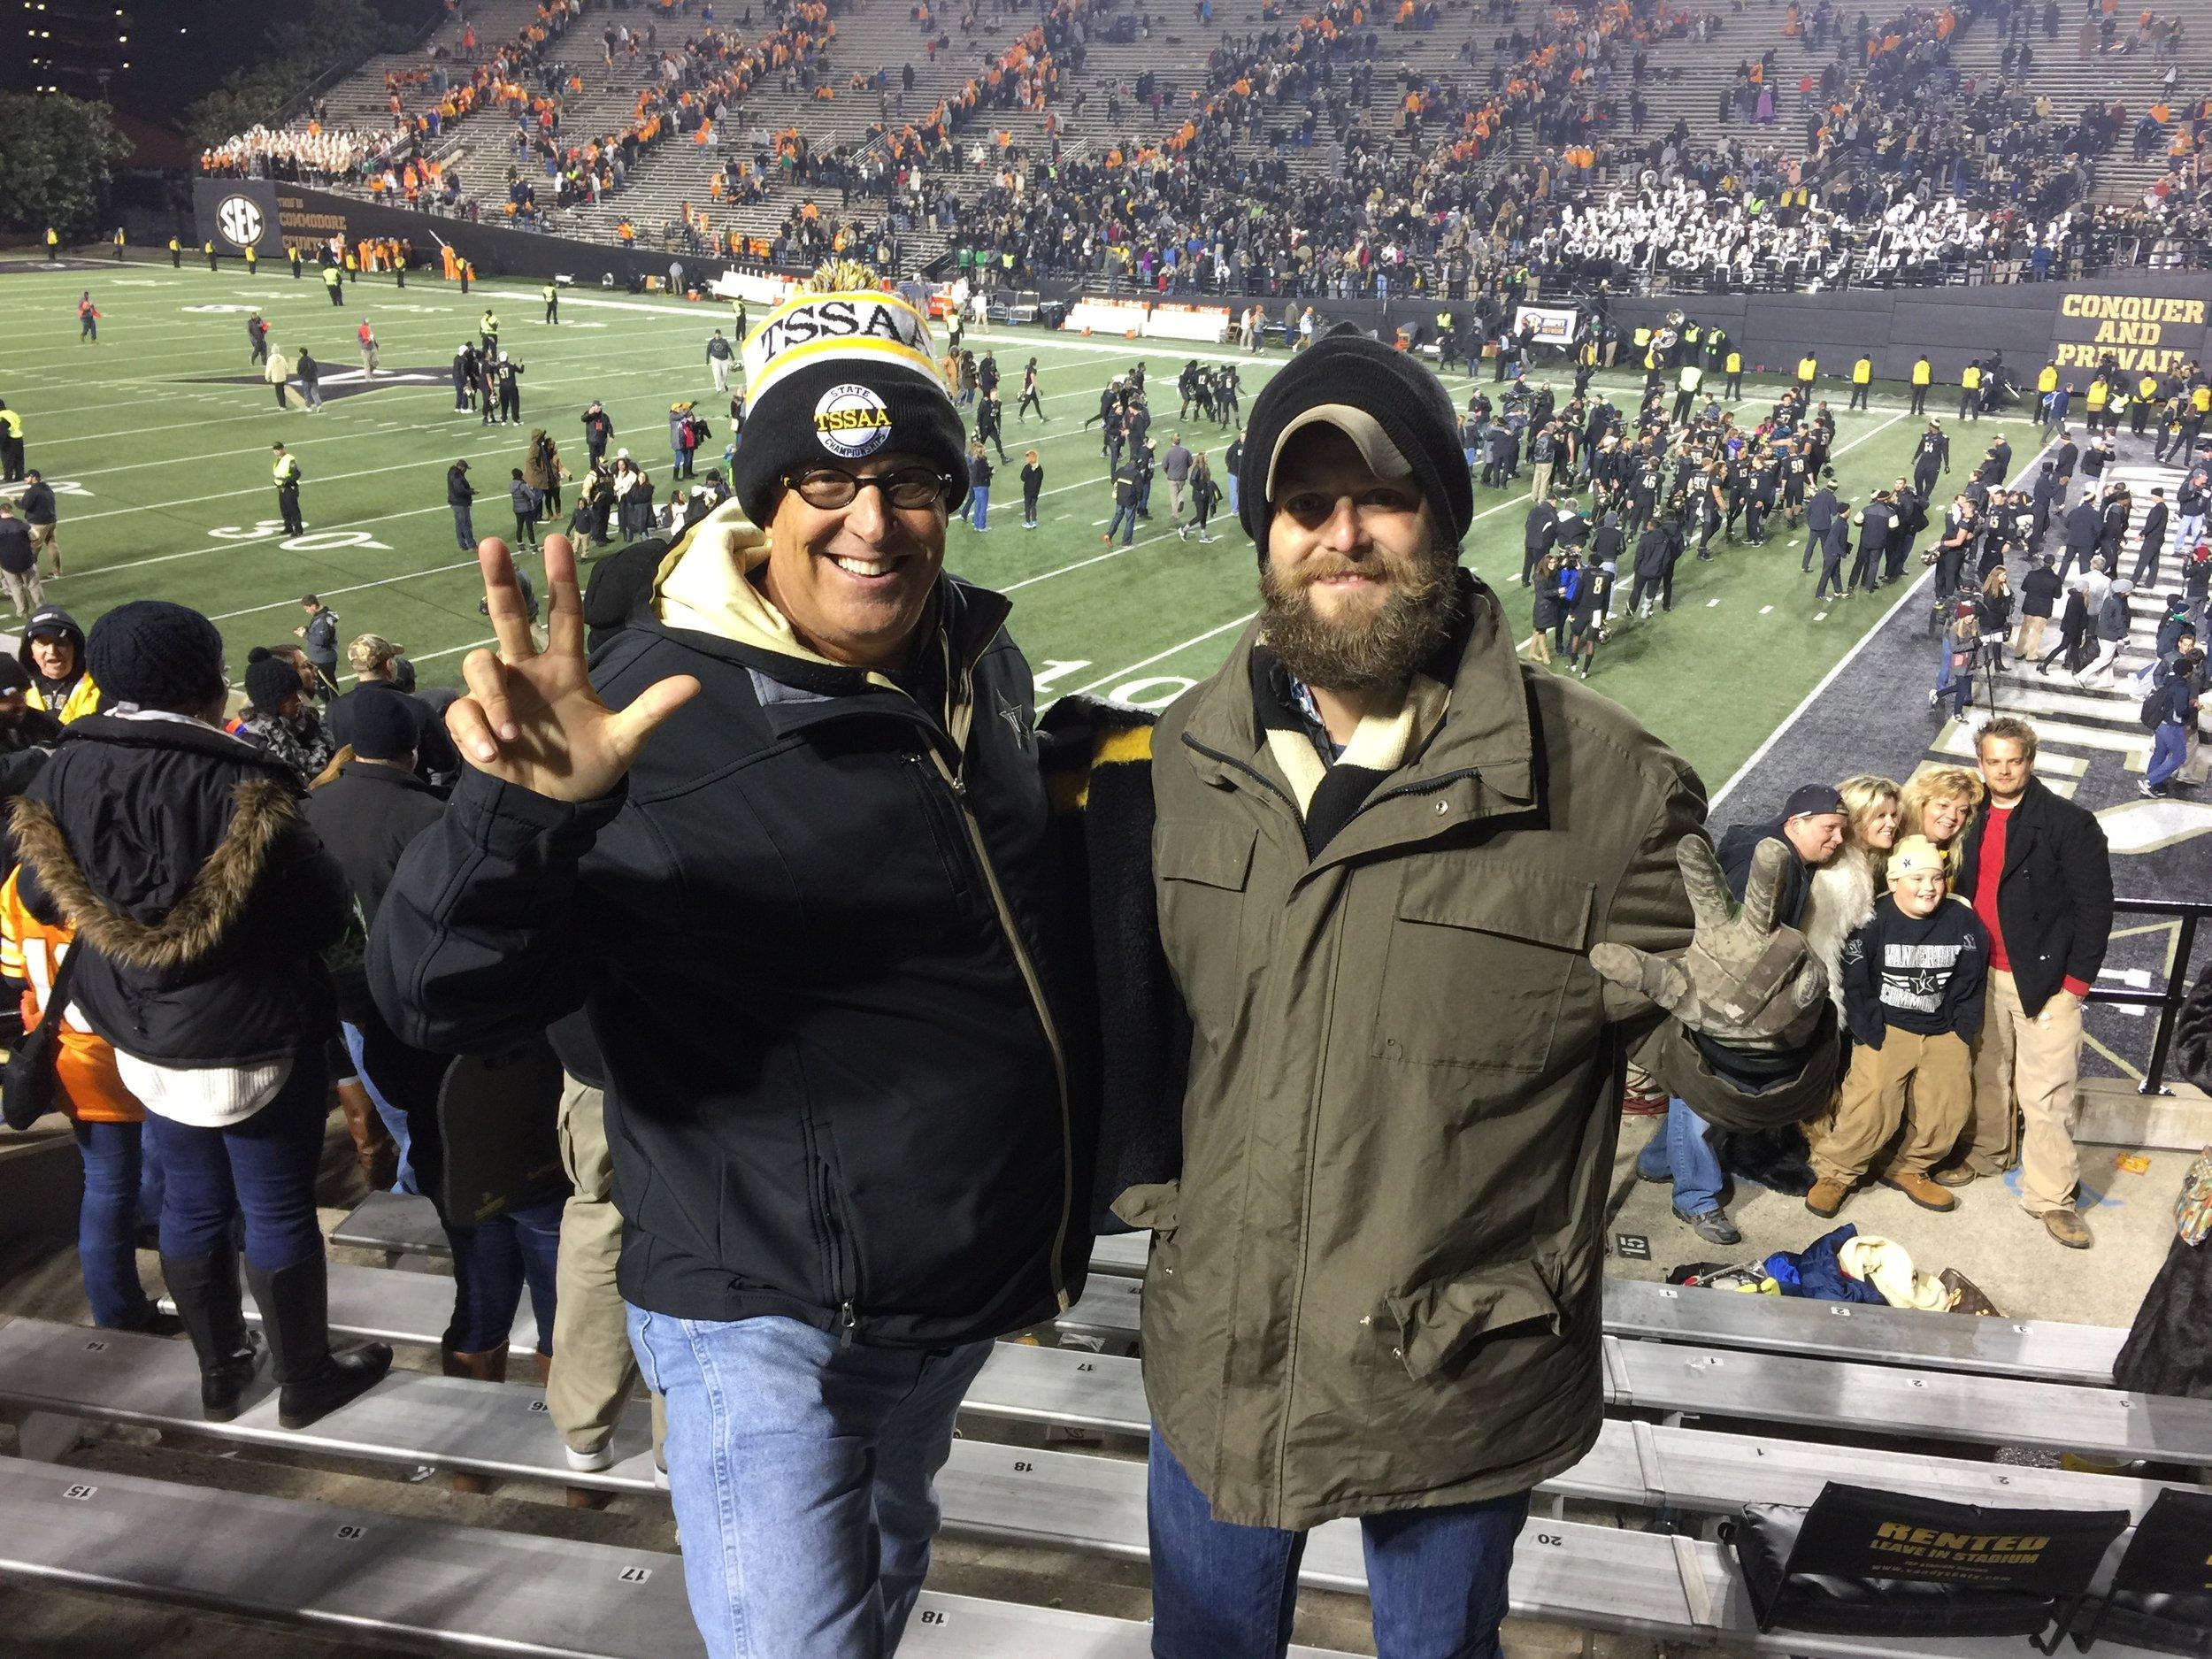 My Son Derek Bargatze at Vanderbilt Football Game